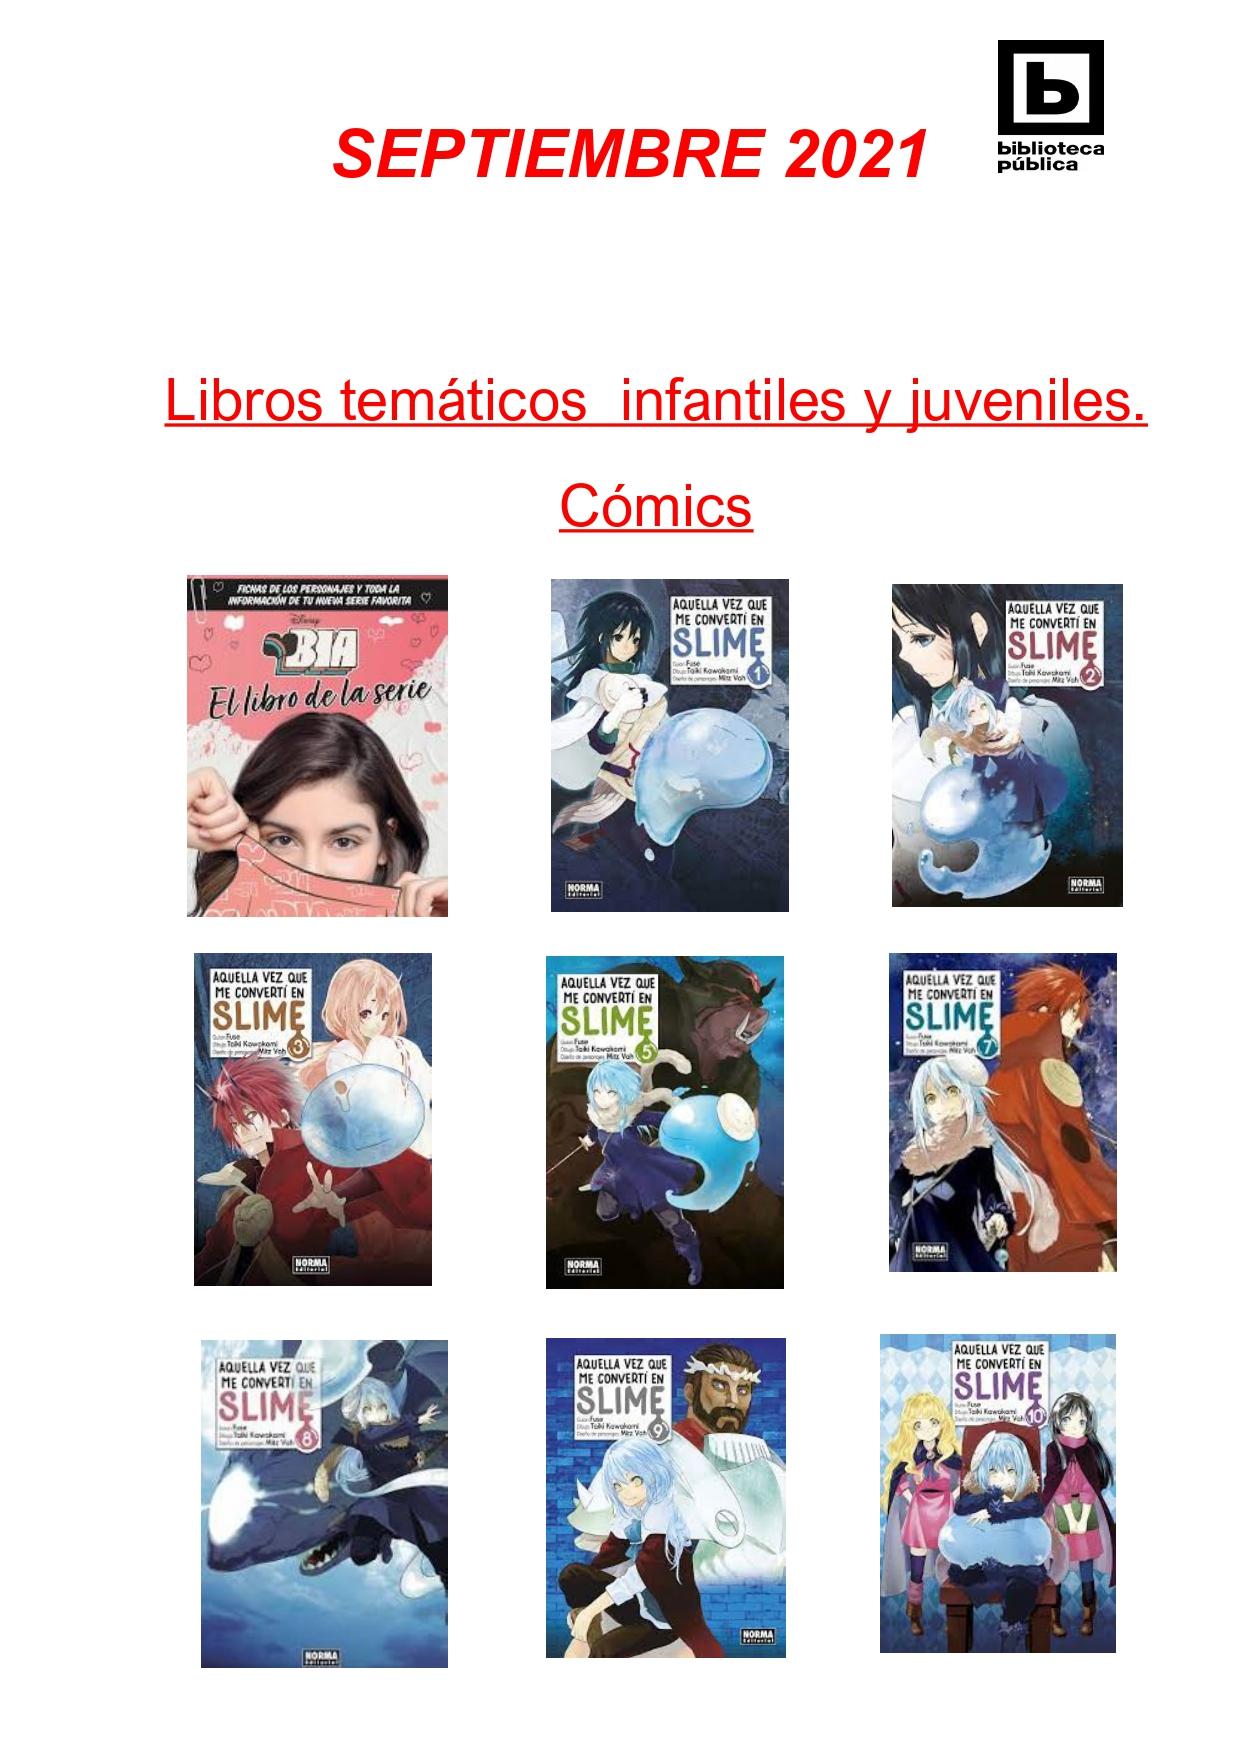 NOVEDADES INFANTILES / JUVENILES SEPTIEMBRE 2021